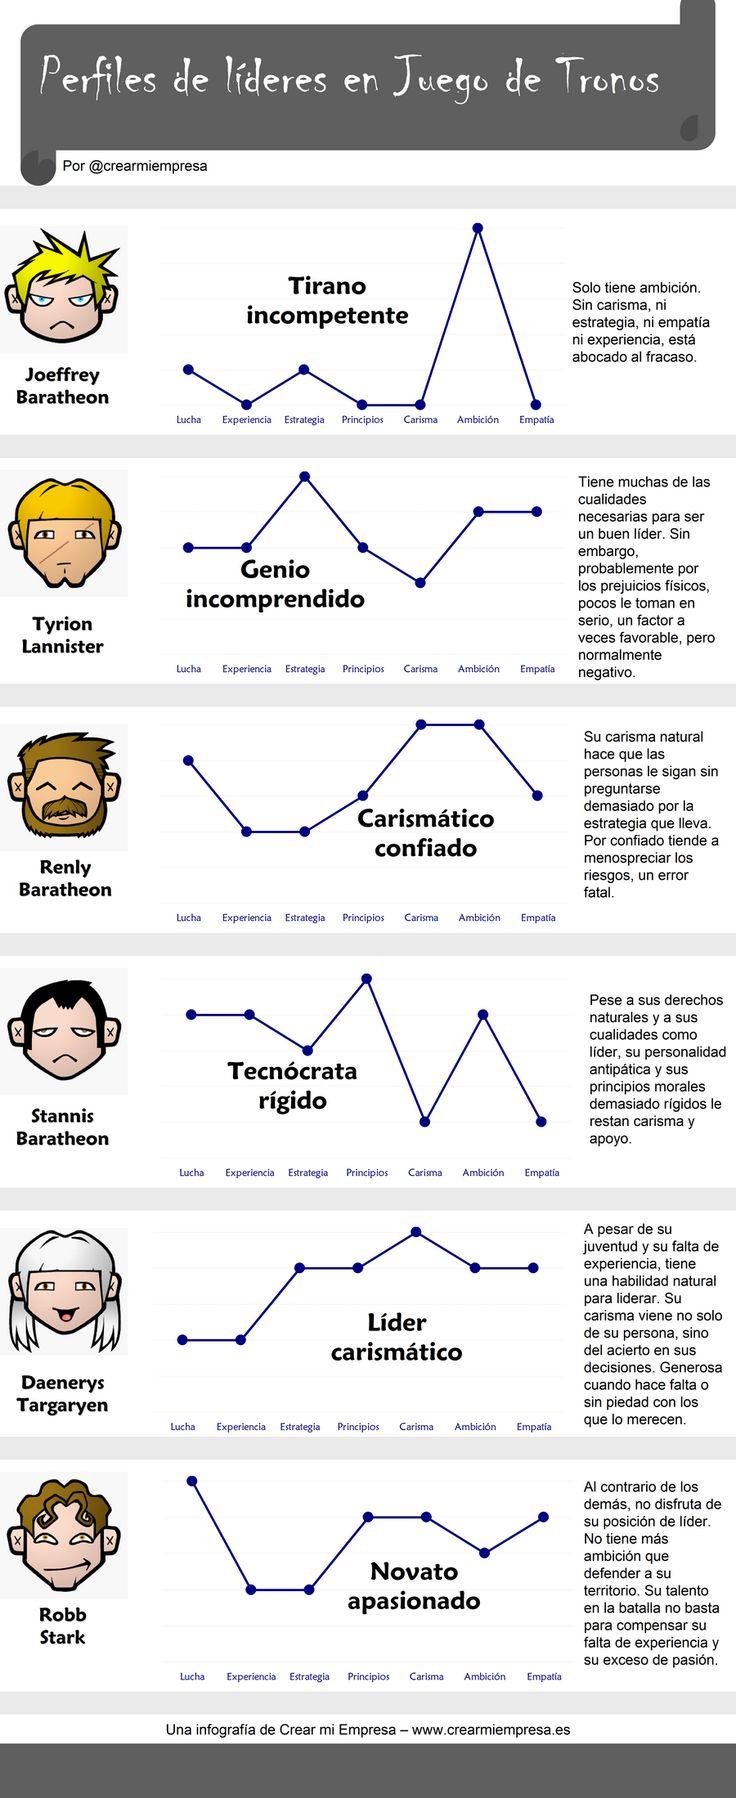 Perfiles de líderes en Juego de Tronos Vía: www.creamiempresa.es #infografia #infographic #leadership